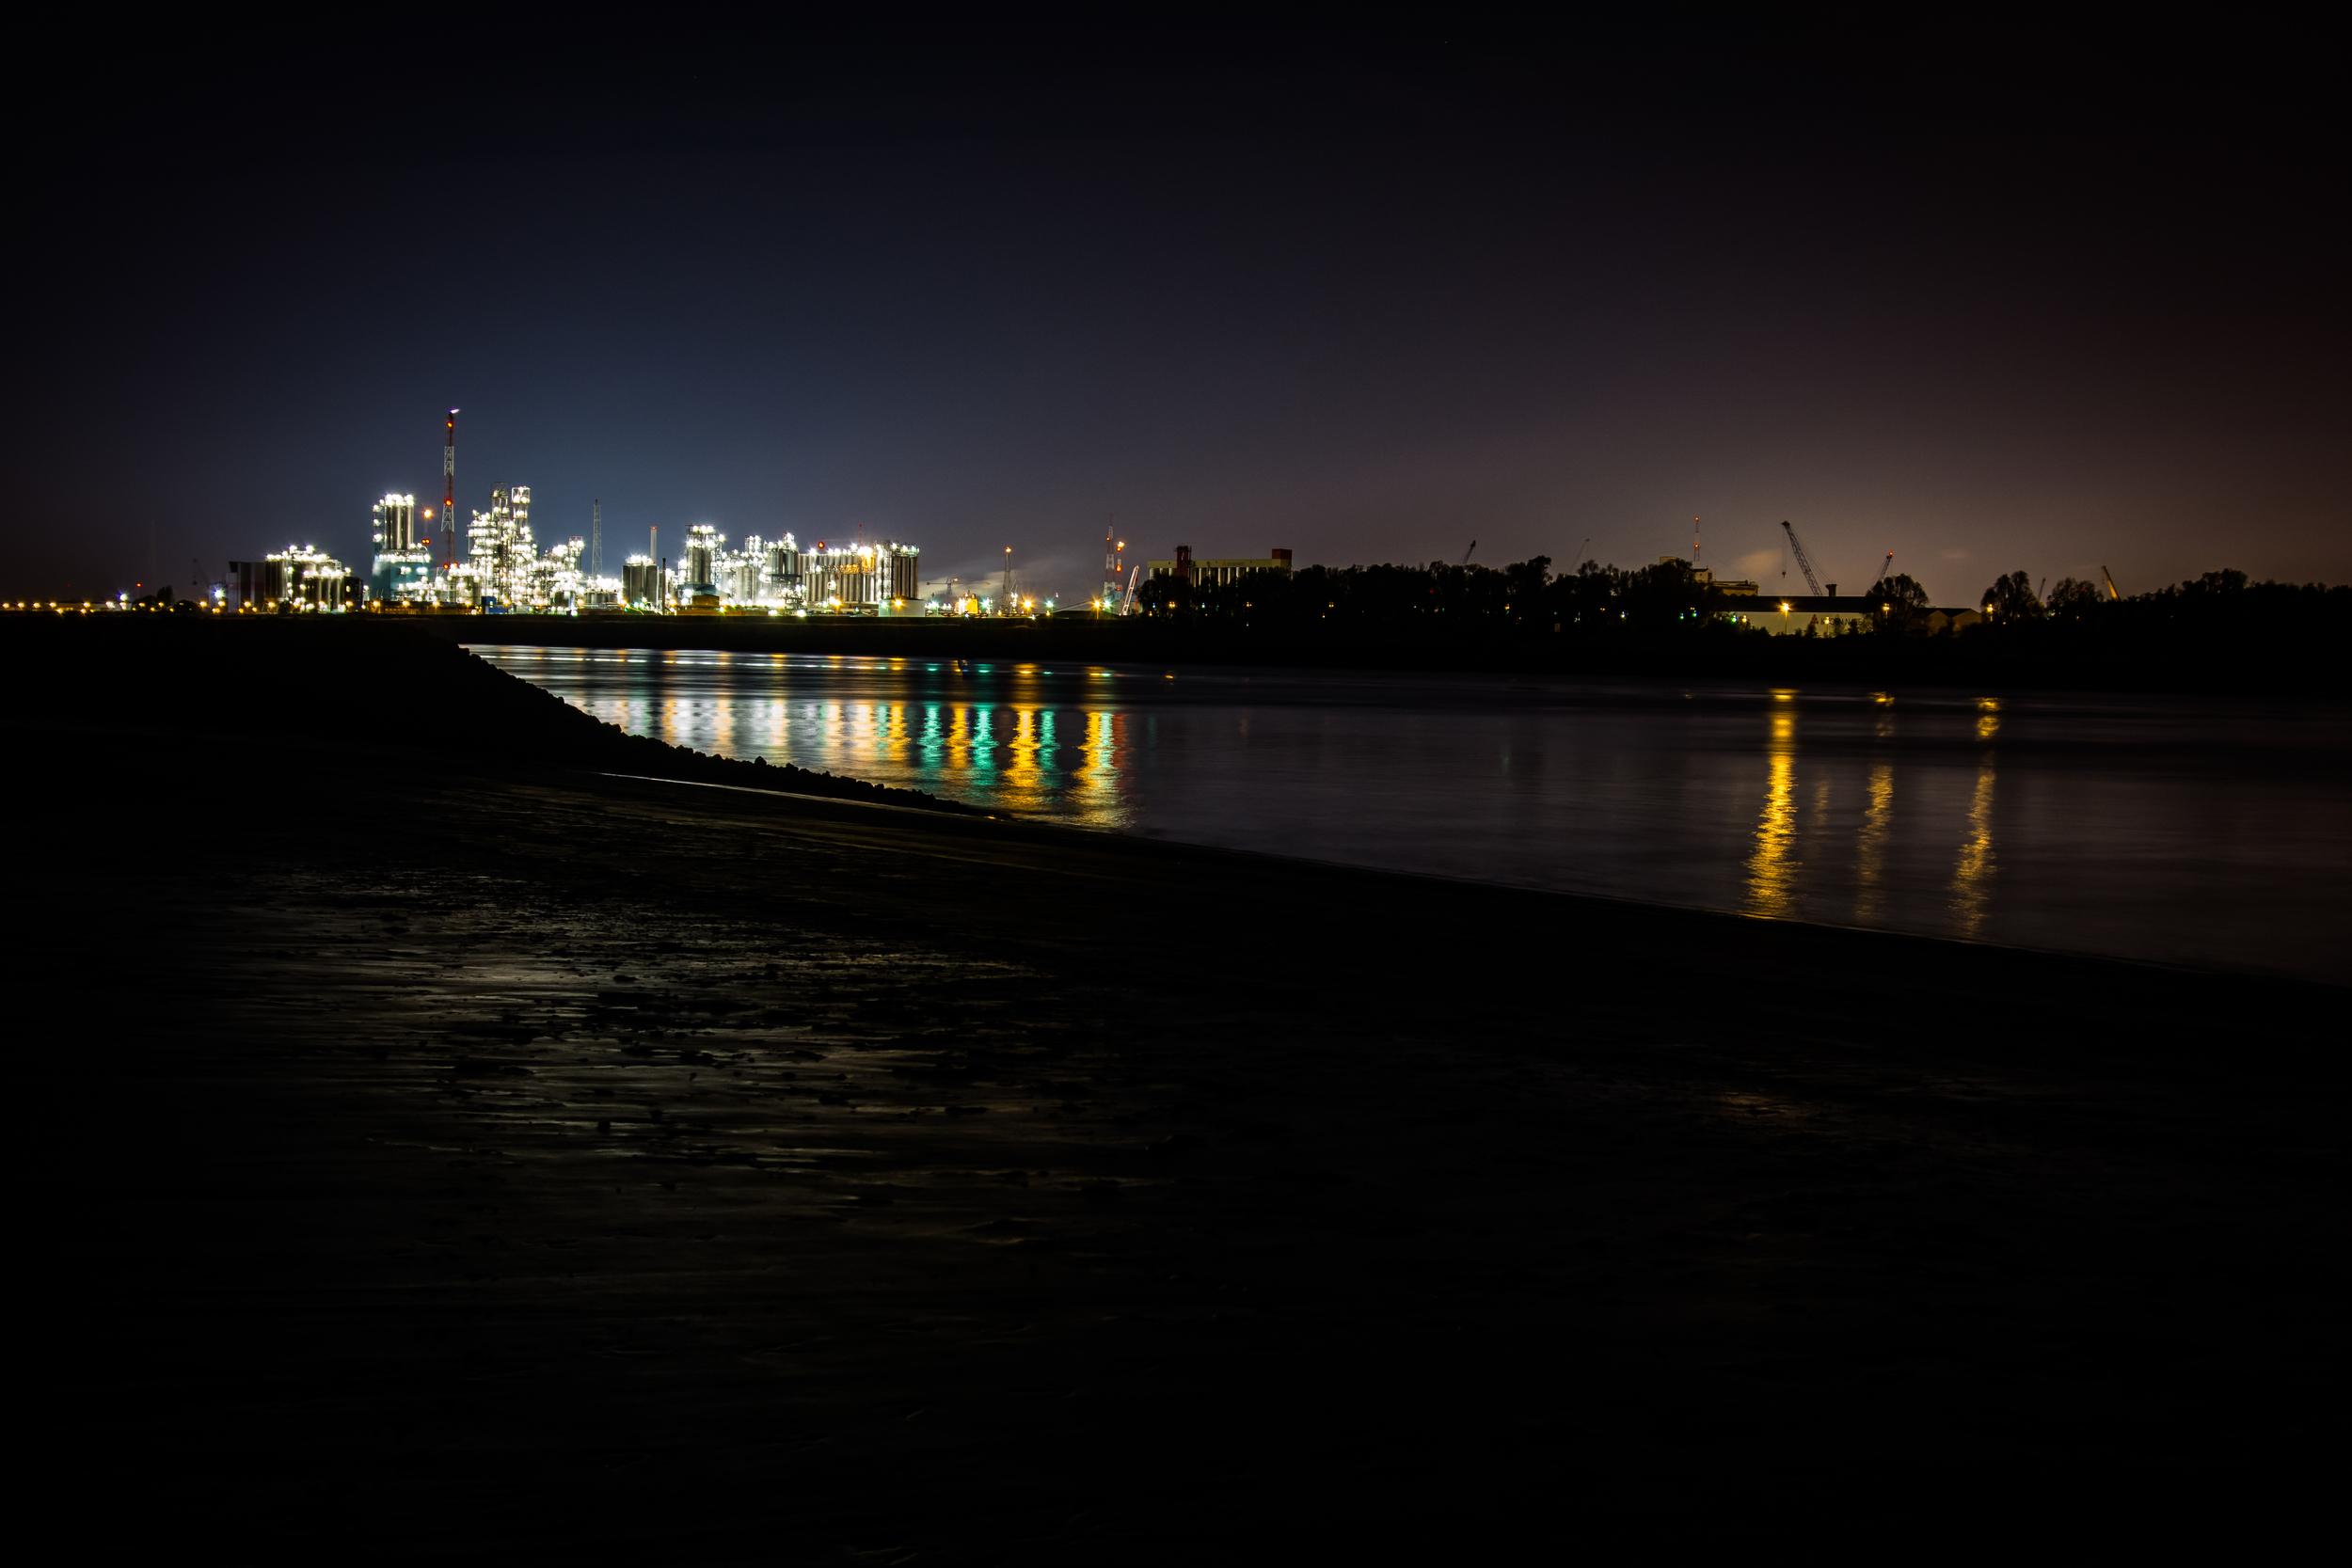 """Plaasj van """"Sintanneke"""". Statief opgesteld. Stukje dijk mee op foto. De lichtjes weerspiegelen. Refelctie in het water fleurt je foto op. Ook nog licht op het zand van het strand."""